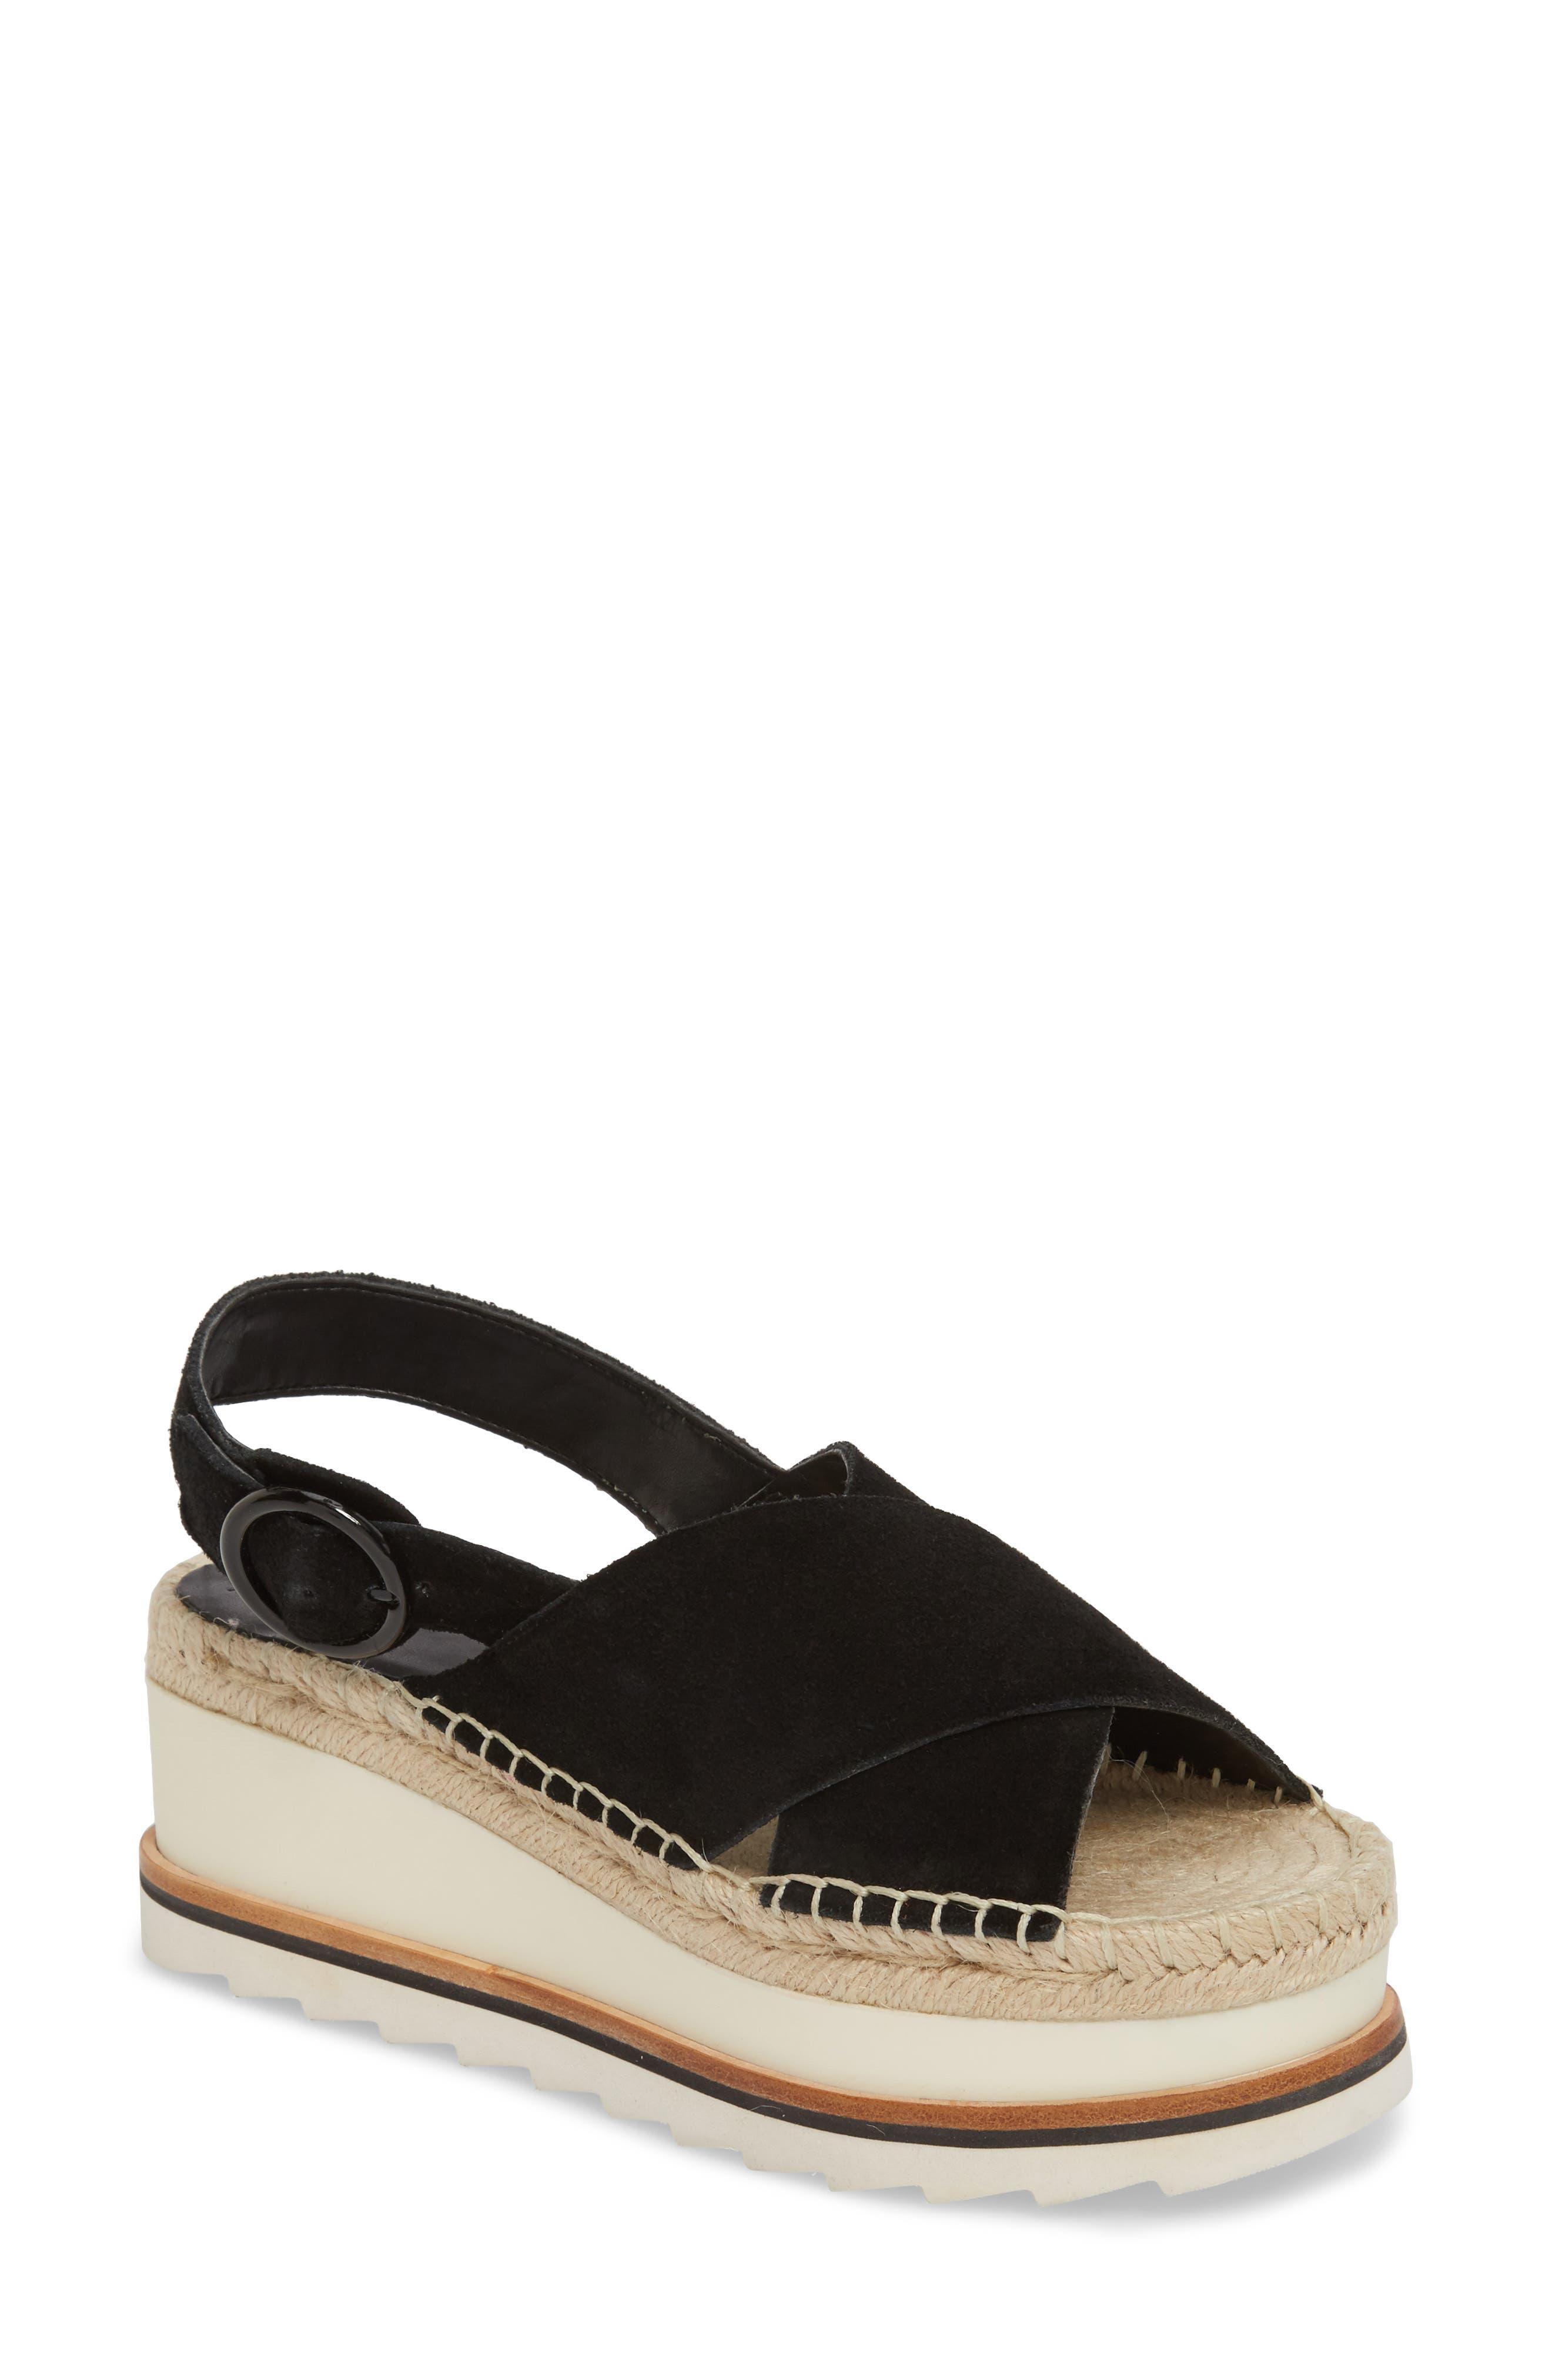 Glenna Platform Slingback Sandal, Main, color, BLACK SUEDE